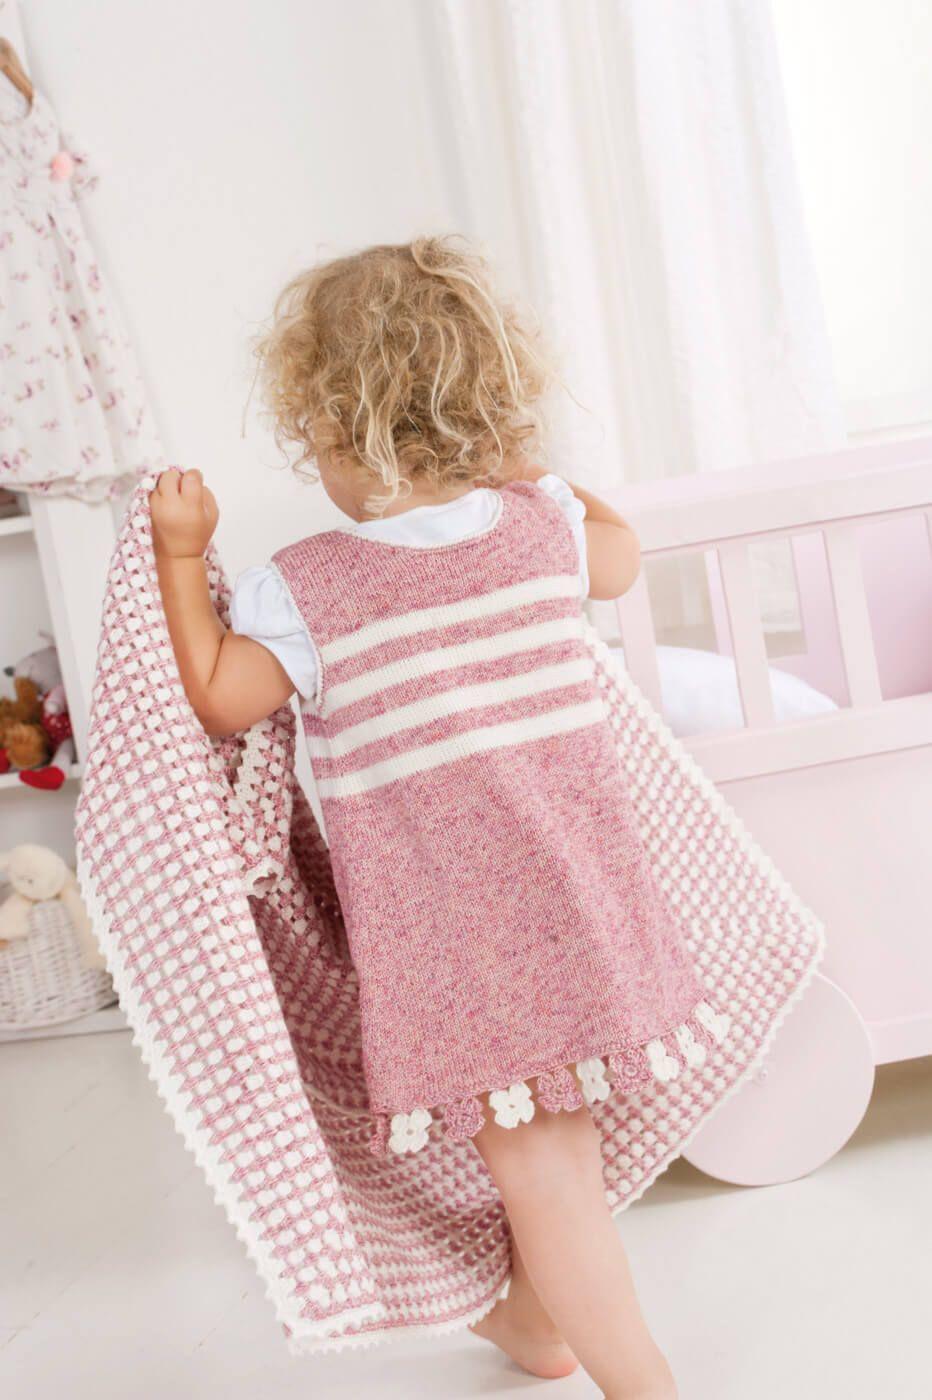 Blümchen Kleid Mit Mädchen Kleid Bund Mädchen fyb7g6